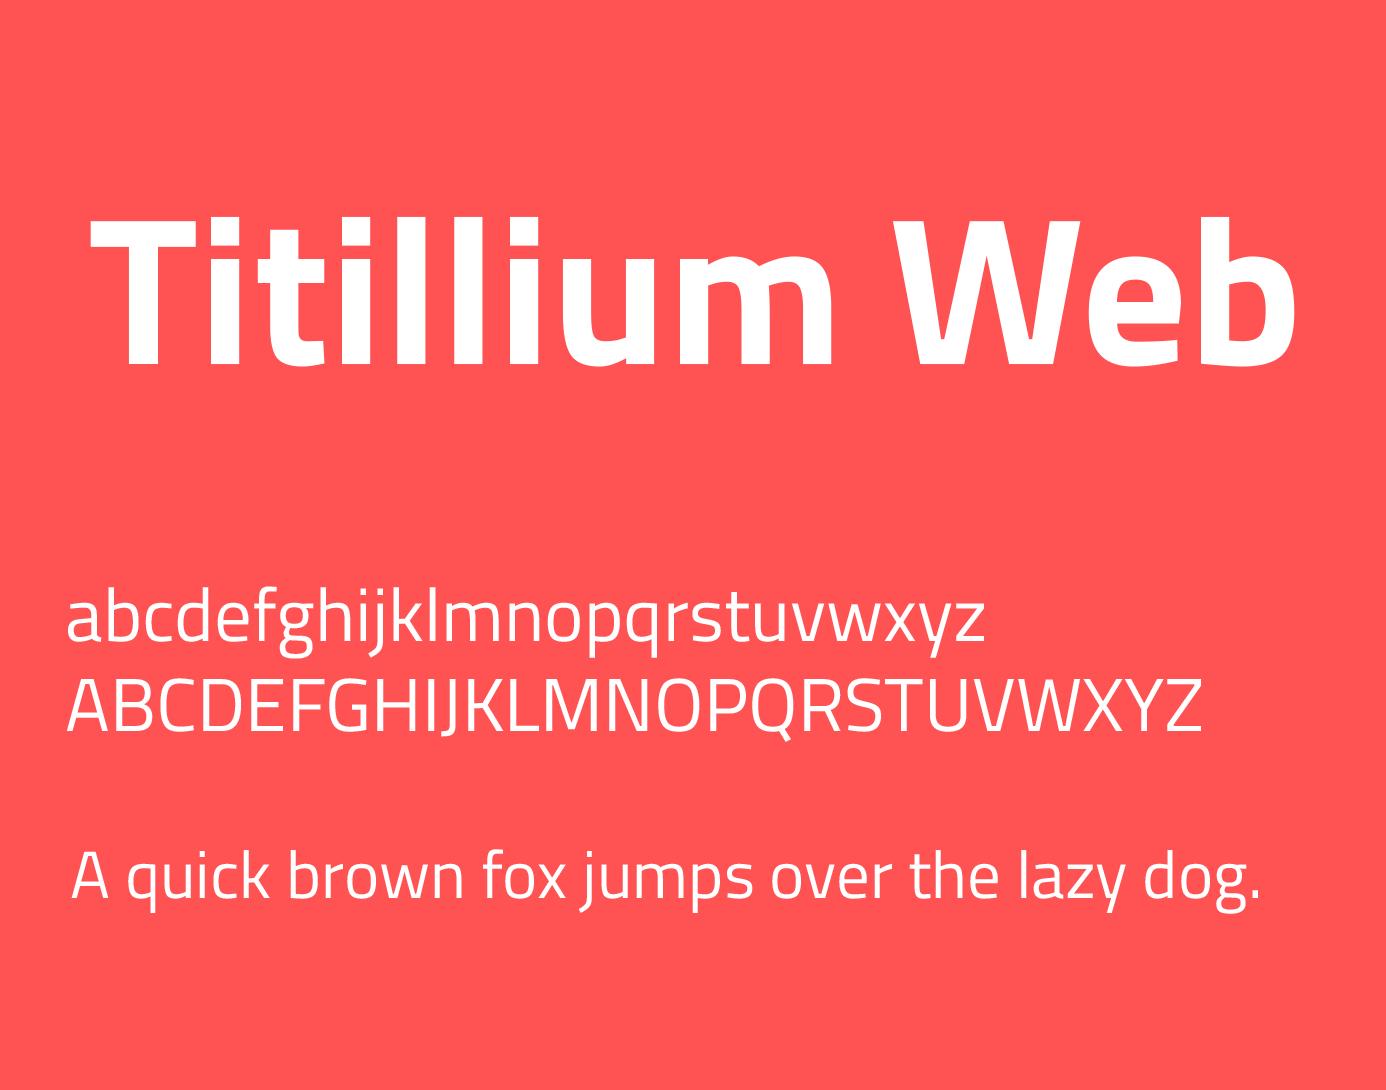 titillium-web-font